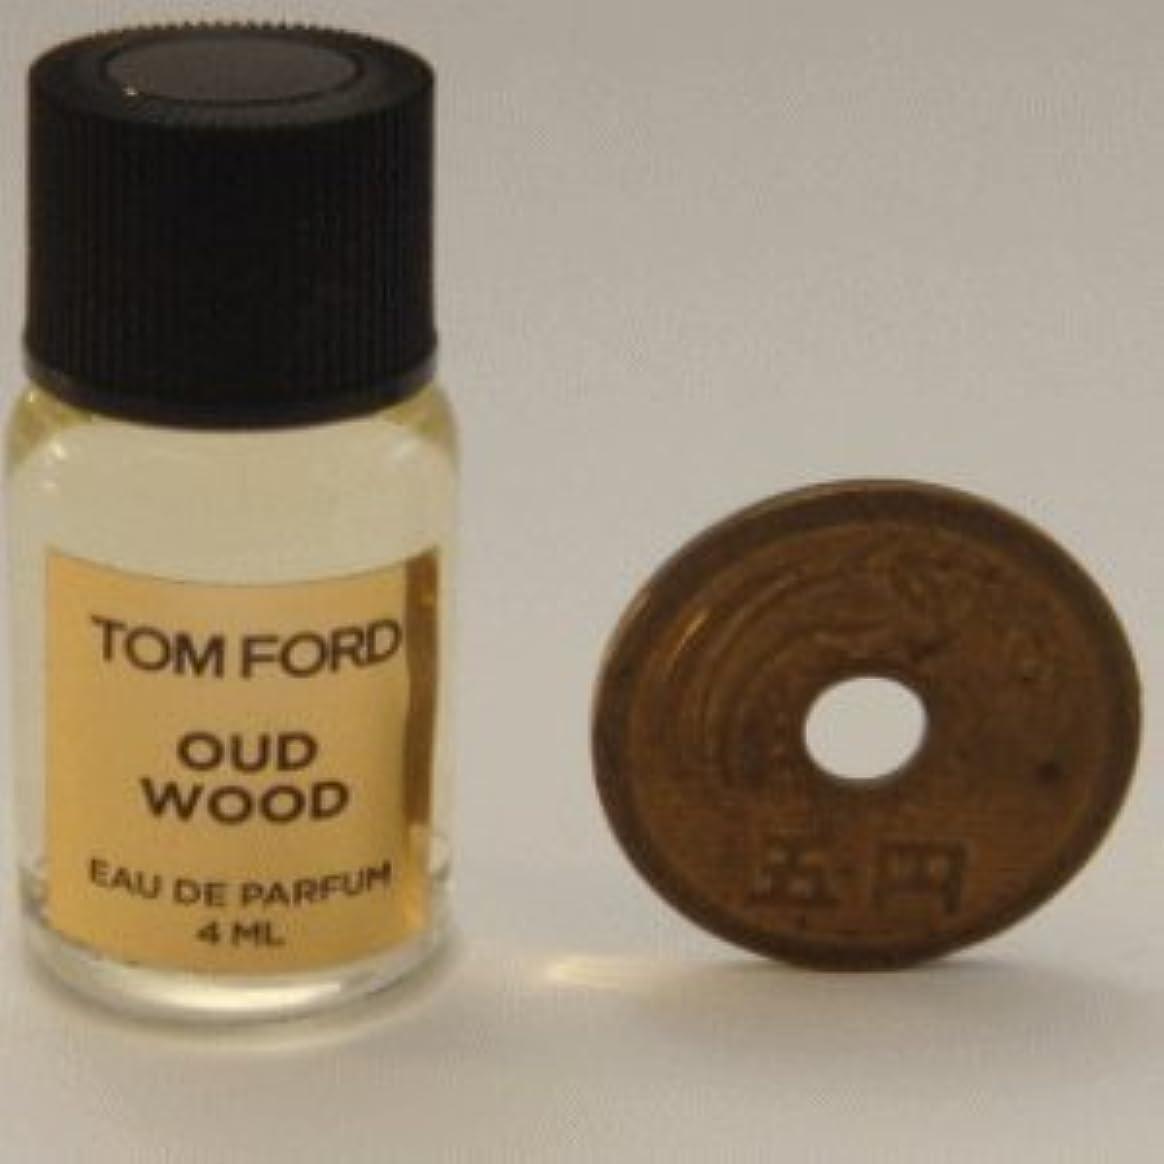 フェミニンアヒルスプレーTom Ford Private Blend 'Oud Wood' (トムフォード プライベートブレンド ウードウッド) 4ml EDP ミニボトル (手詰めサンプル)